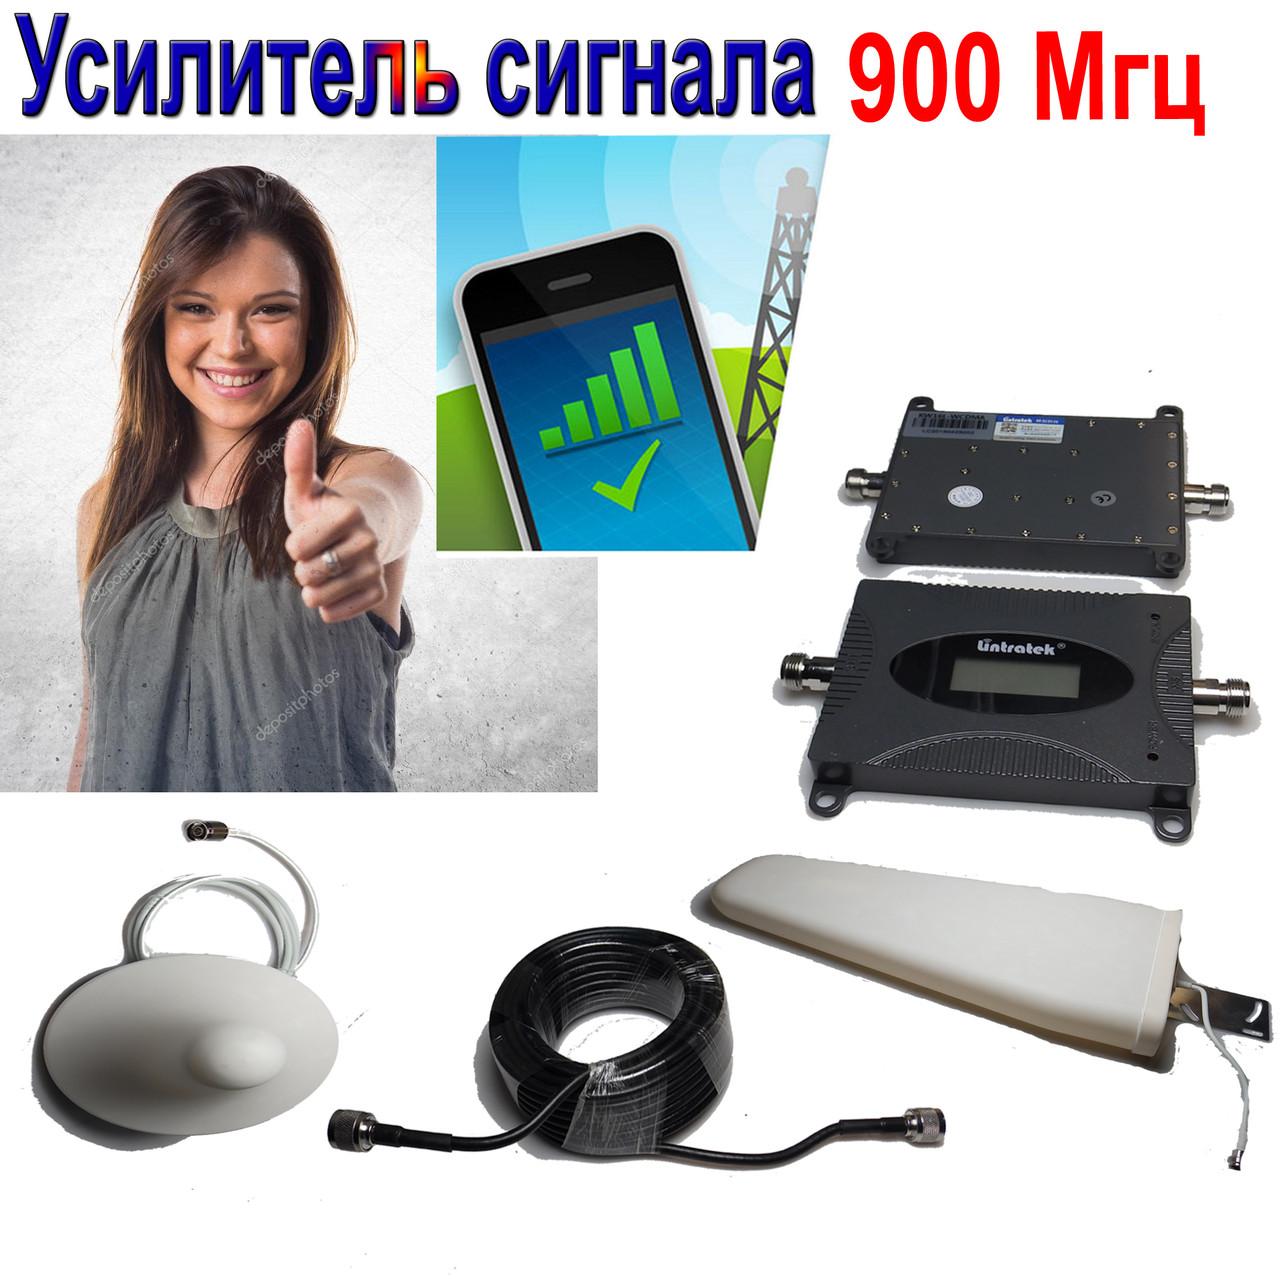 Усилитель сотовой связи репитер 900Mhz Lintratek KW16L- GSM - Полньй комплект +Скидка +Подарок